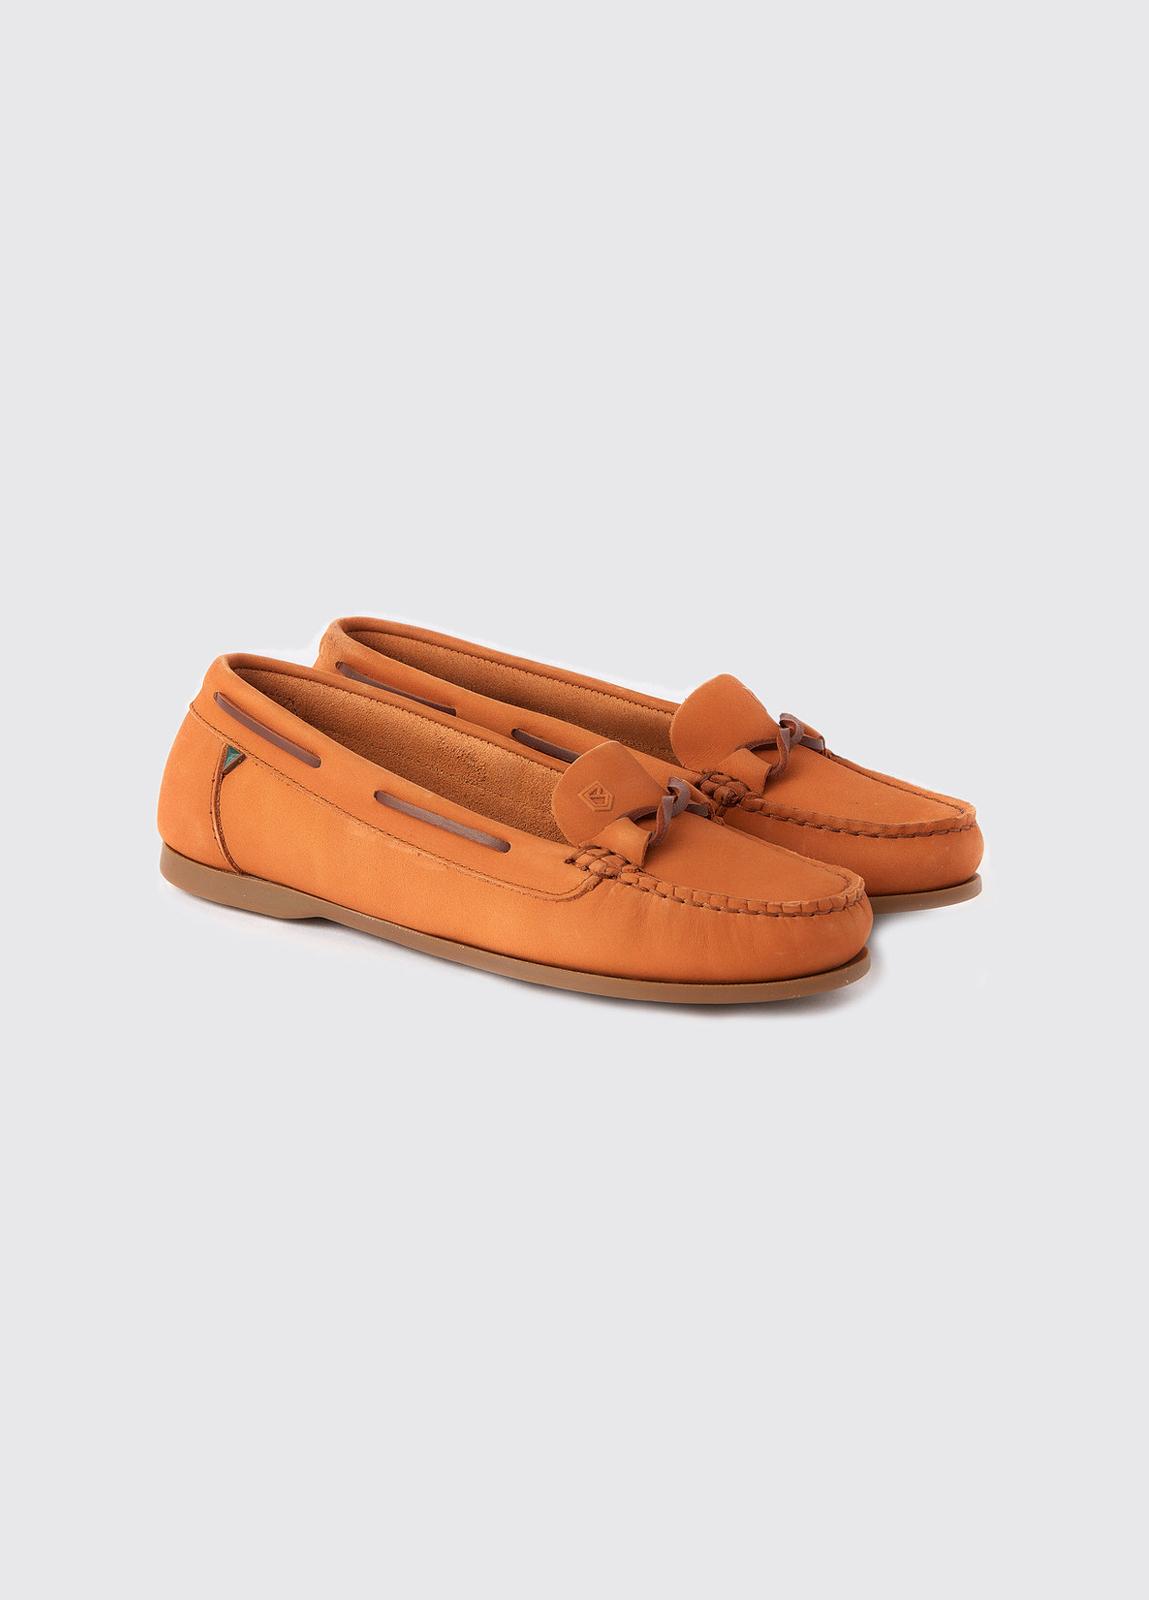 Rhodes Deck Shoe - Caramel